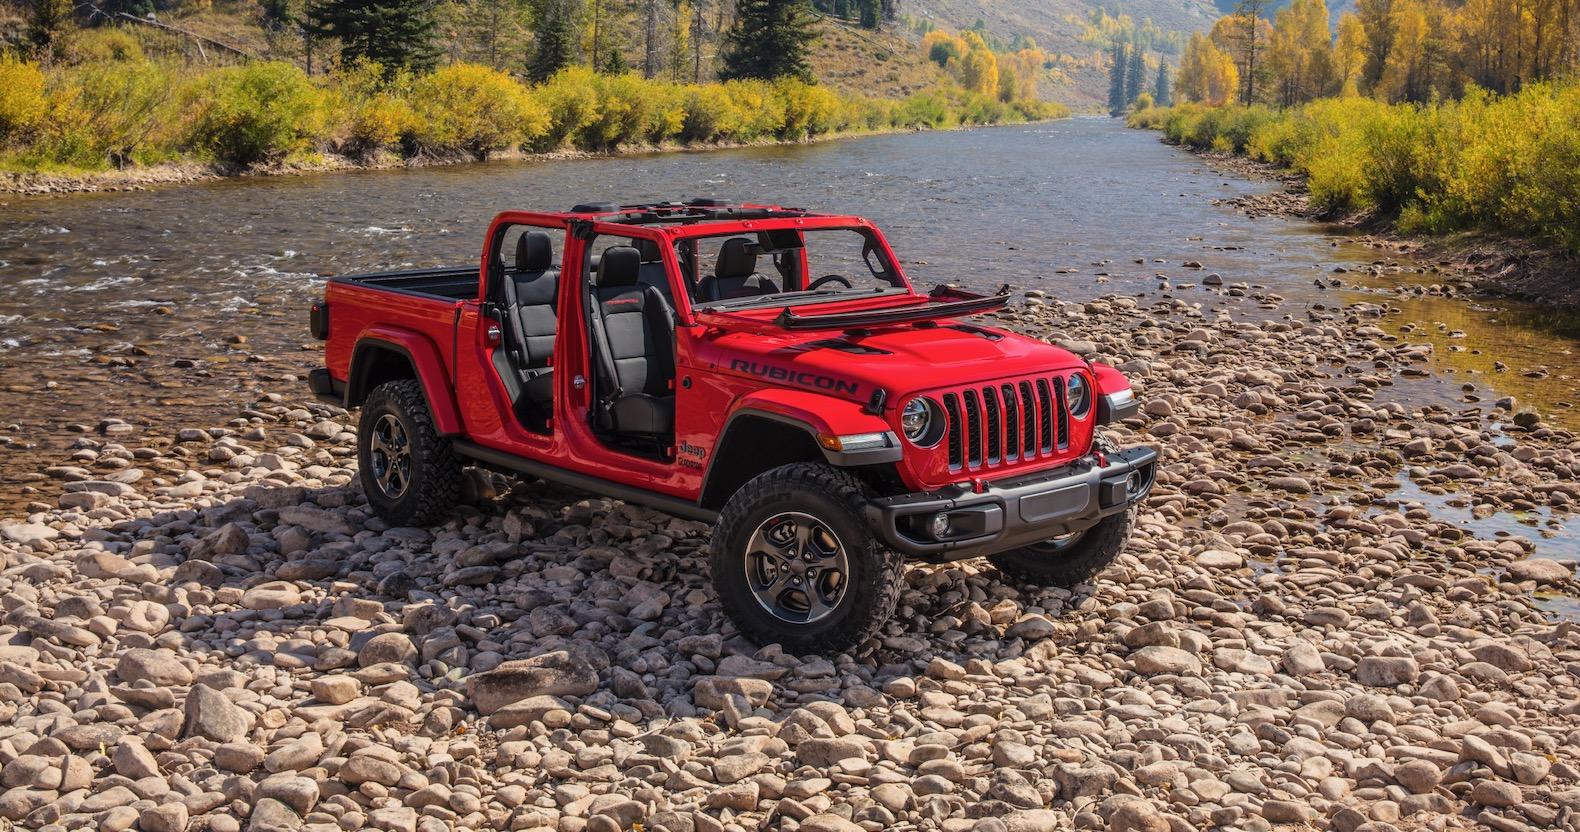 2021 gladiator 392 v8 / 2021 jeep wrangler rubicon 392 v8